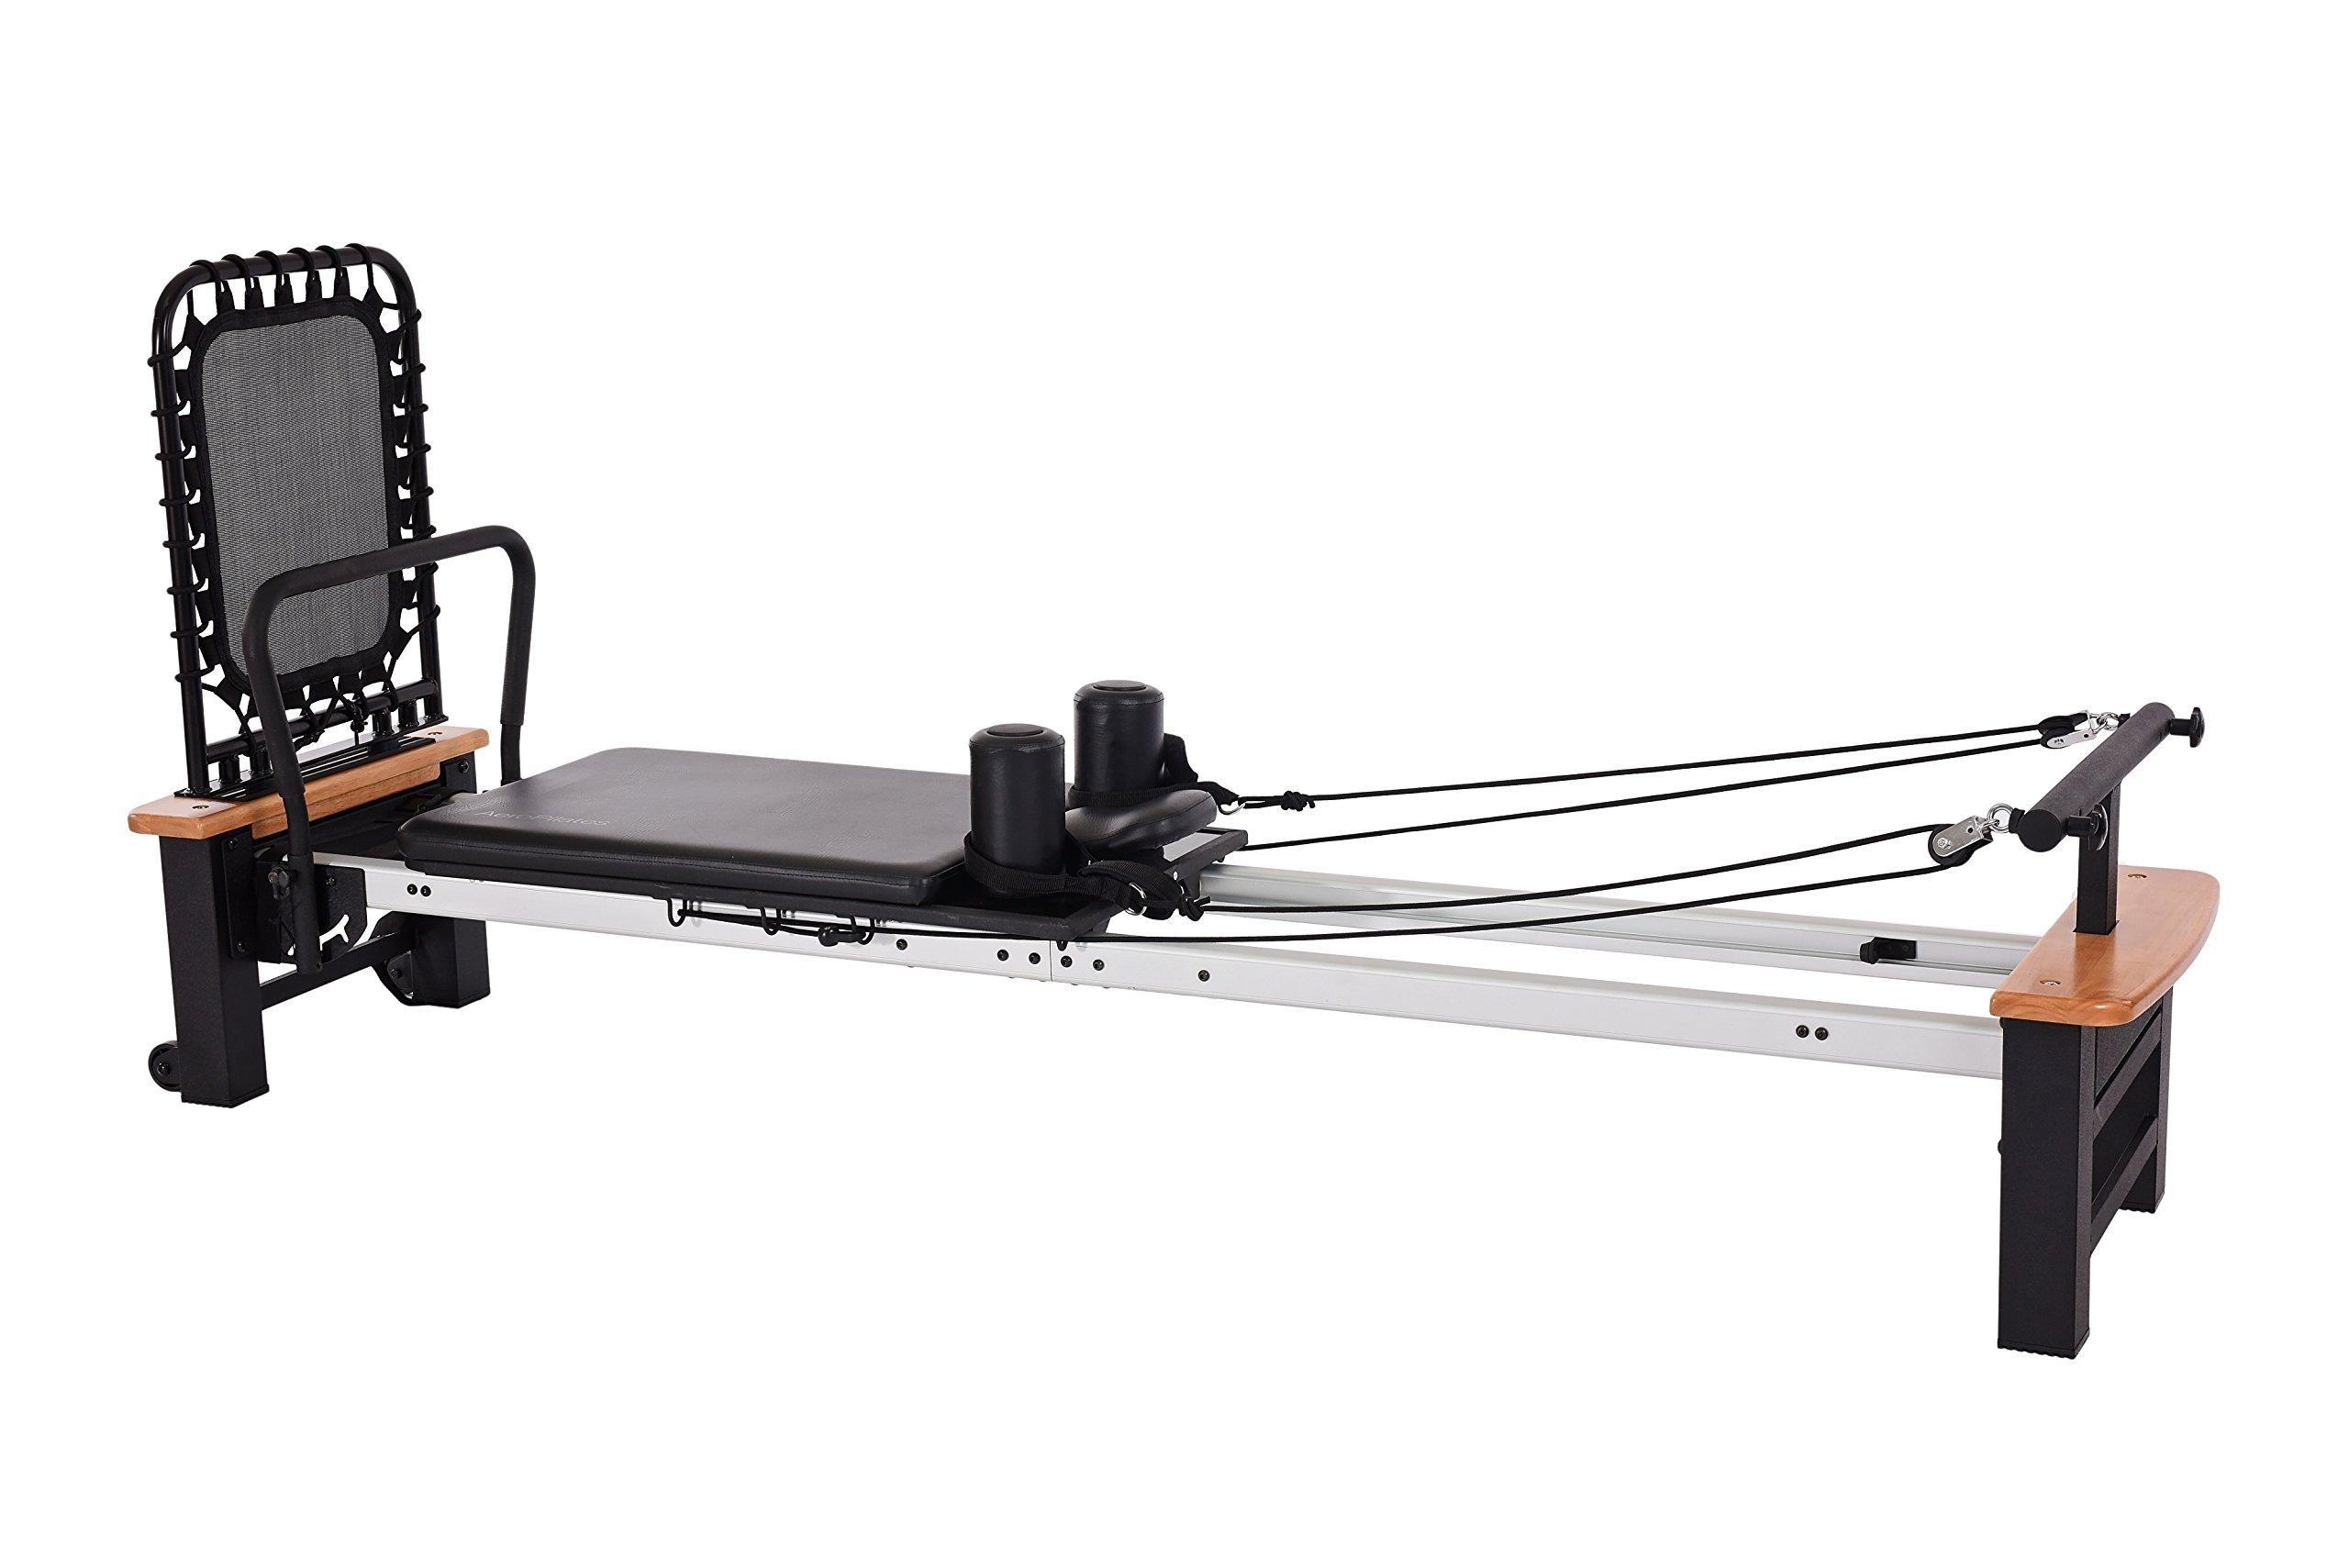 Stamina Deluxe 55-5565 - AeroPilates 565 Pro Series Pilates Exercise w Cardio Rebounder by Stamina